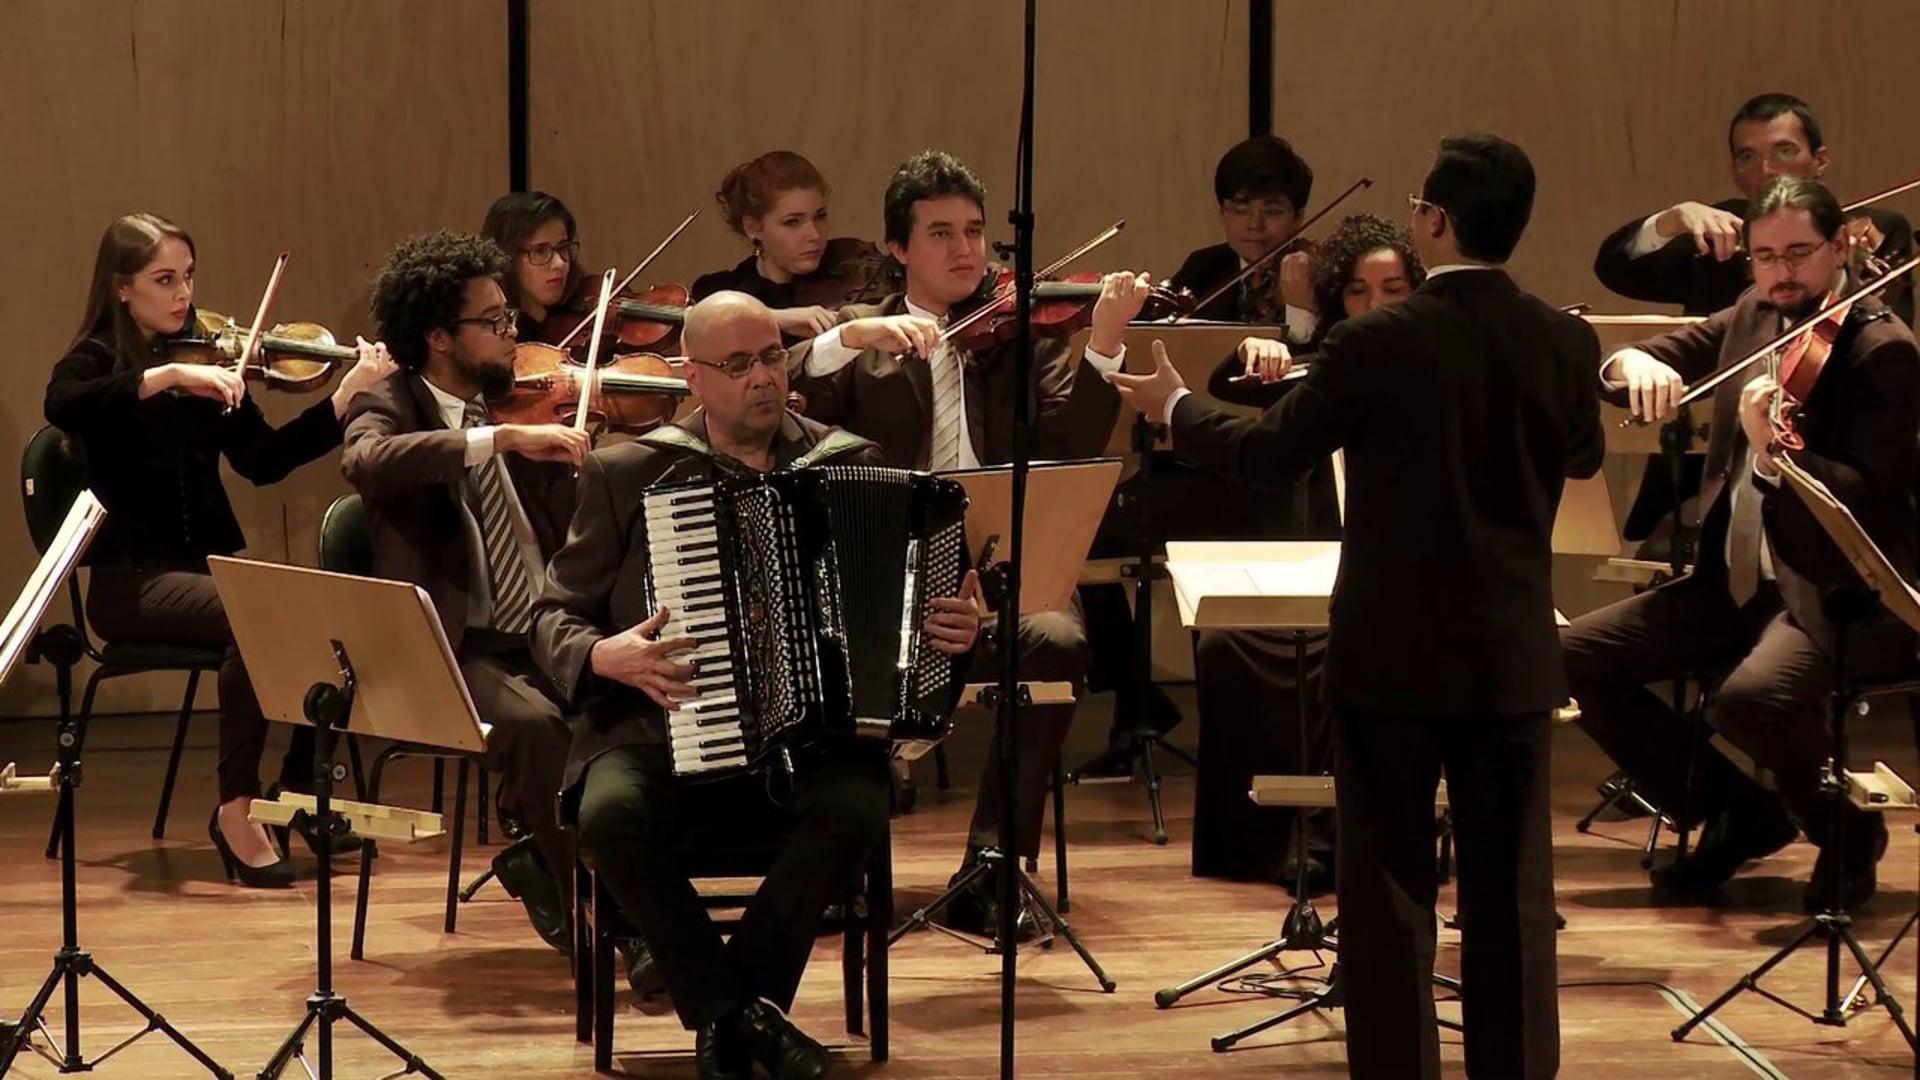 44º Festival de Inverno de Campos do Jordão   Camerata Fukuda e Toninho Ferragutti